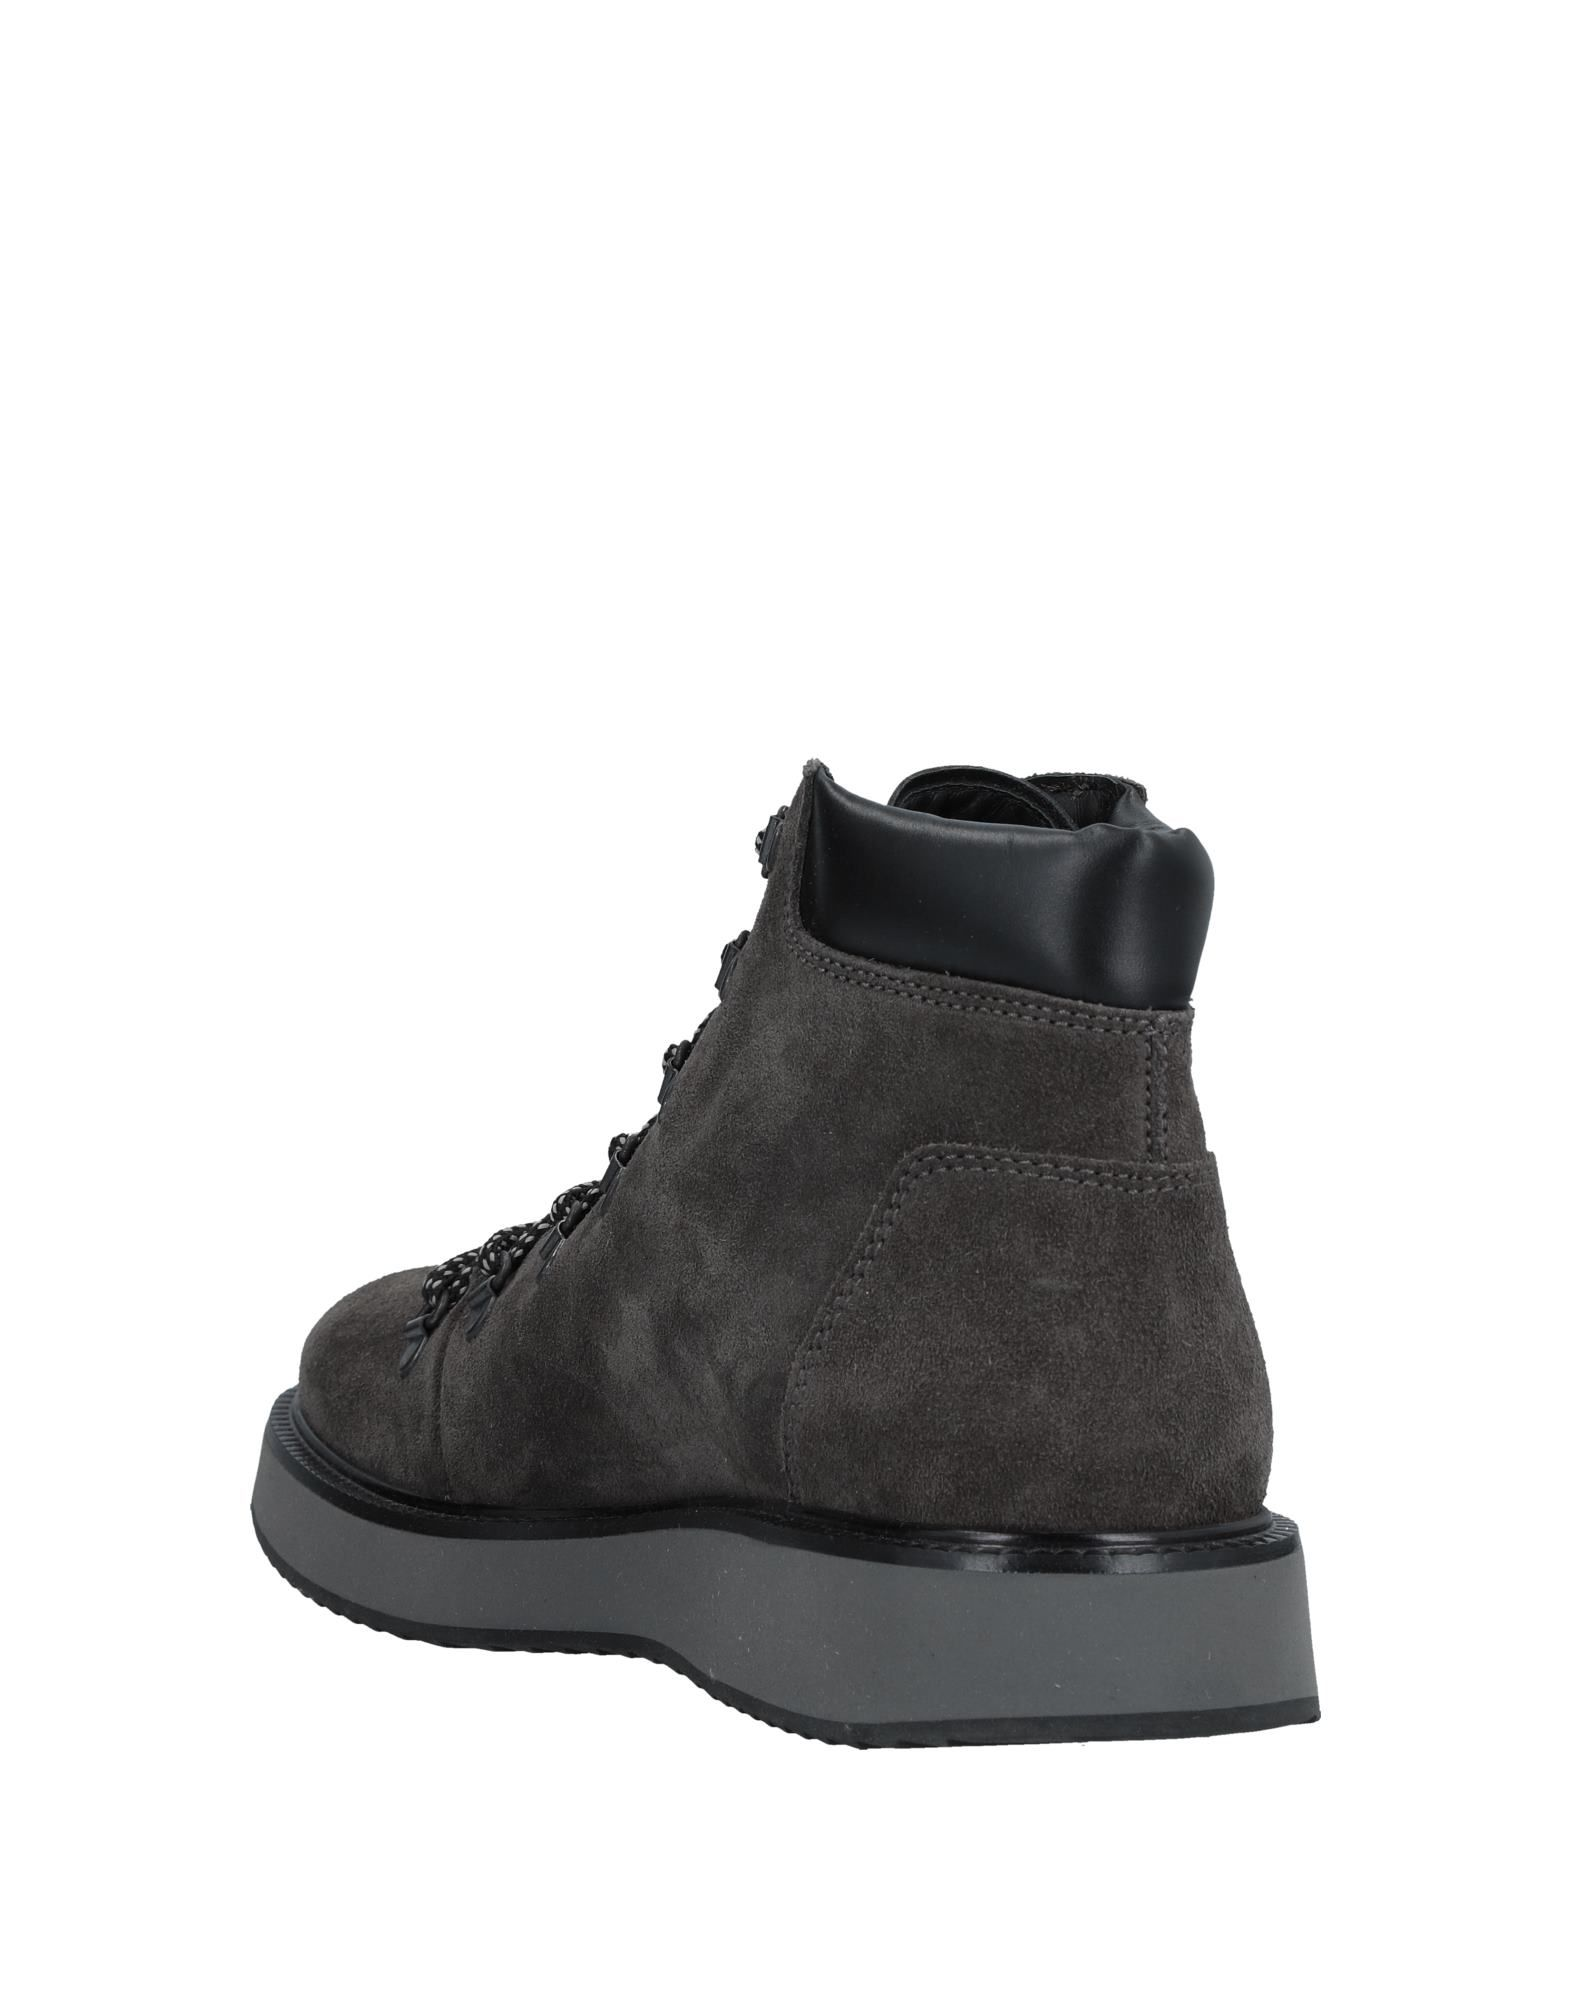 Hogan Stiefelette Herren  11528000UU Gute Qualität beliebte Schuhe Schuhe beliebte 6da287